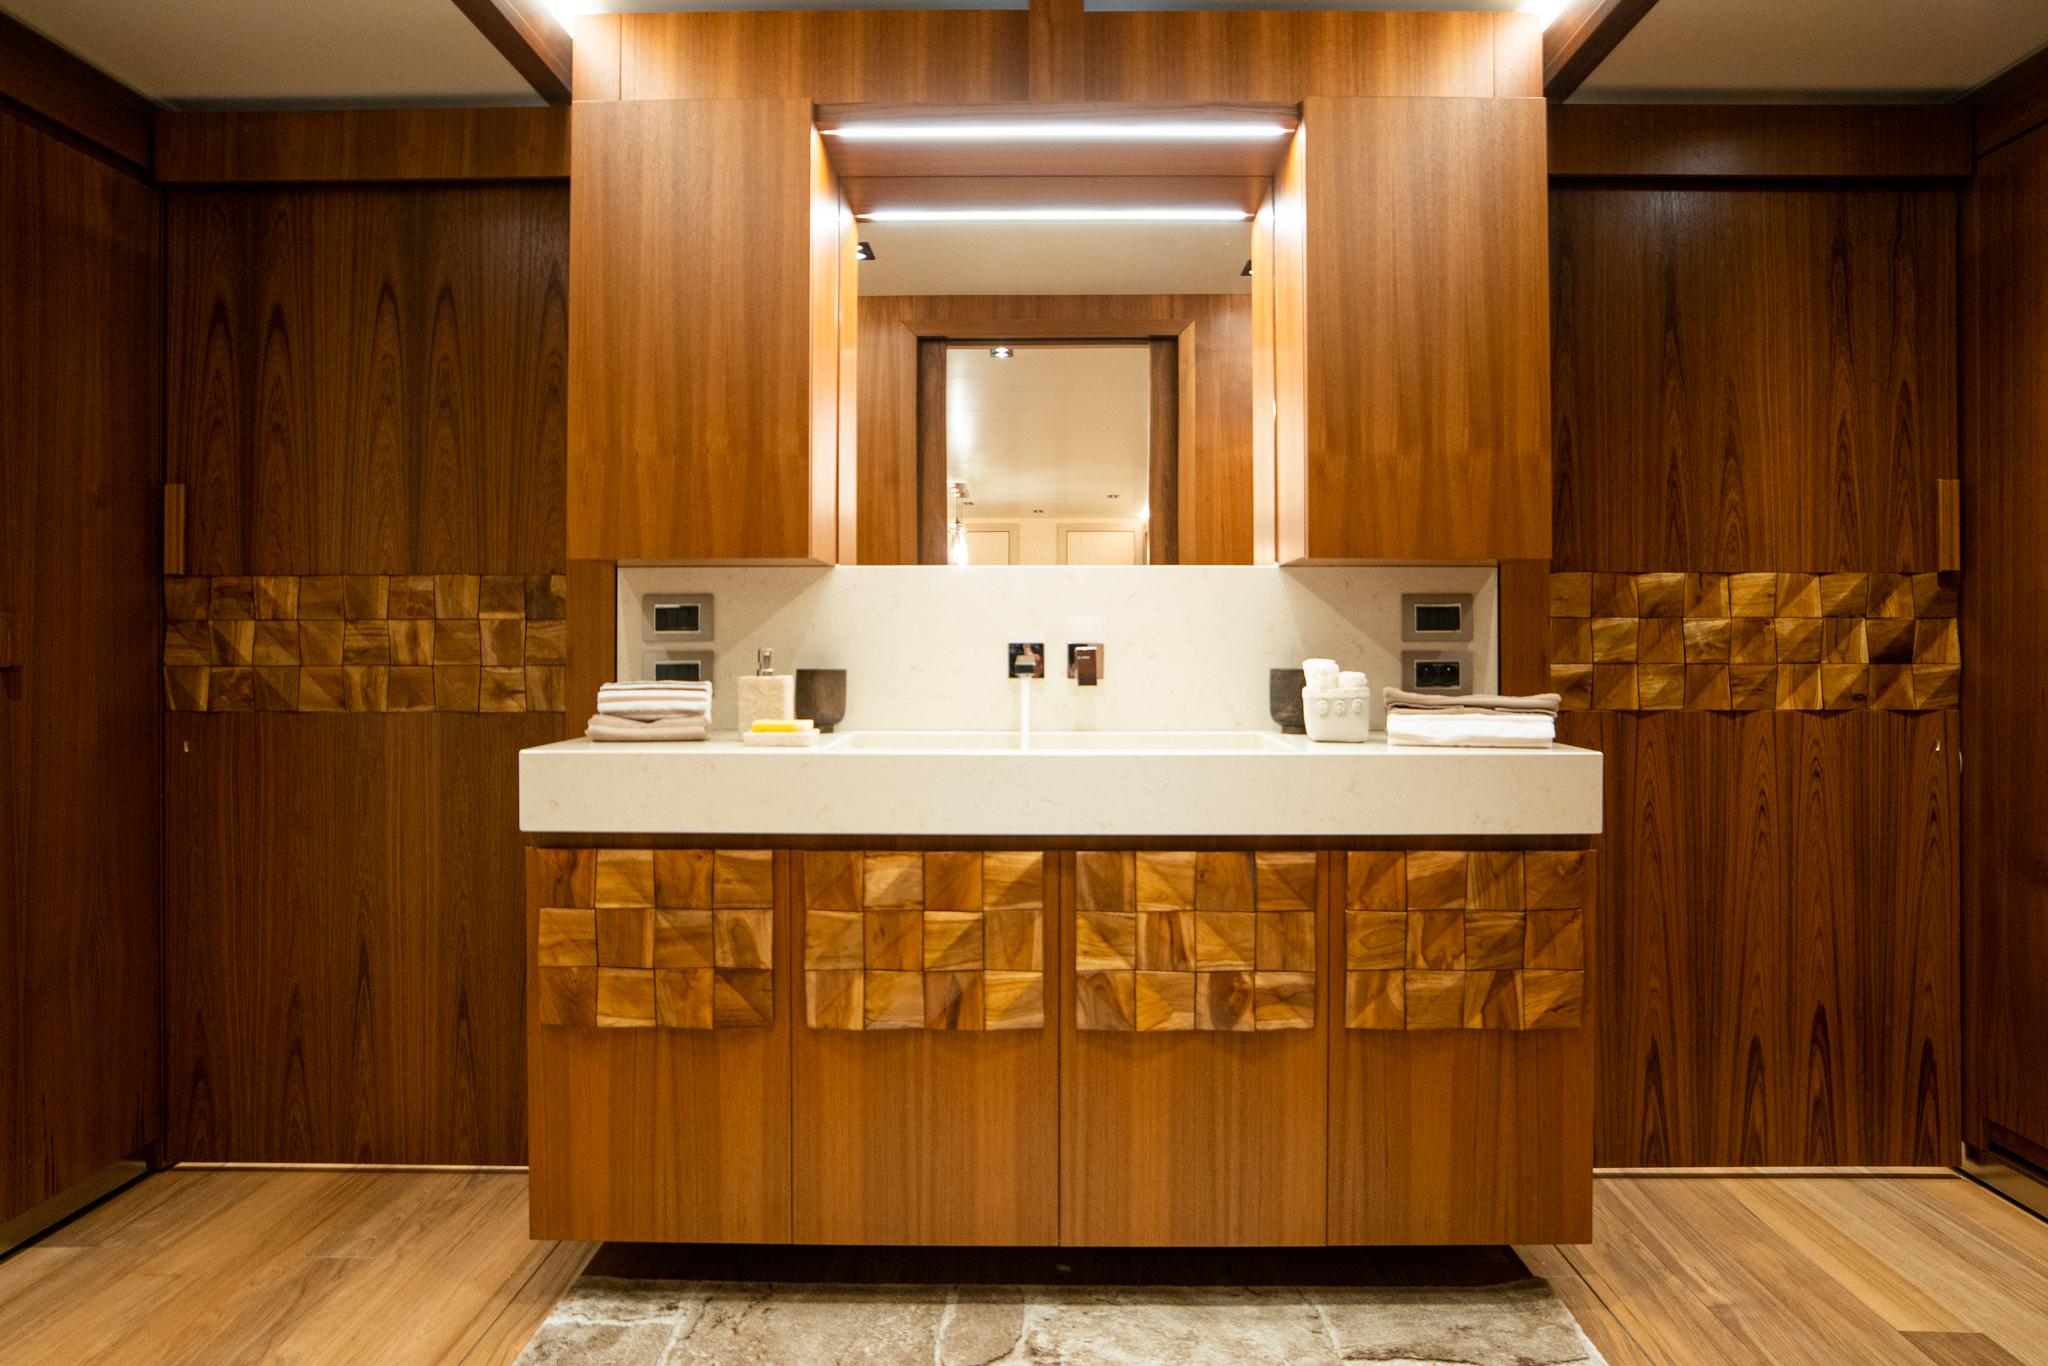 Łazienka w luksusowej przyczepie mieszkalnej